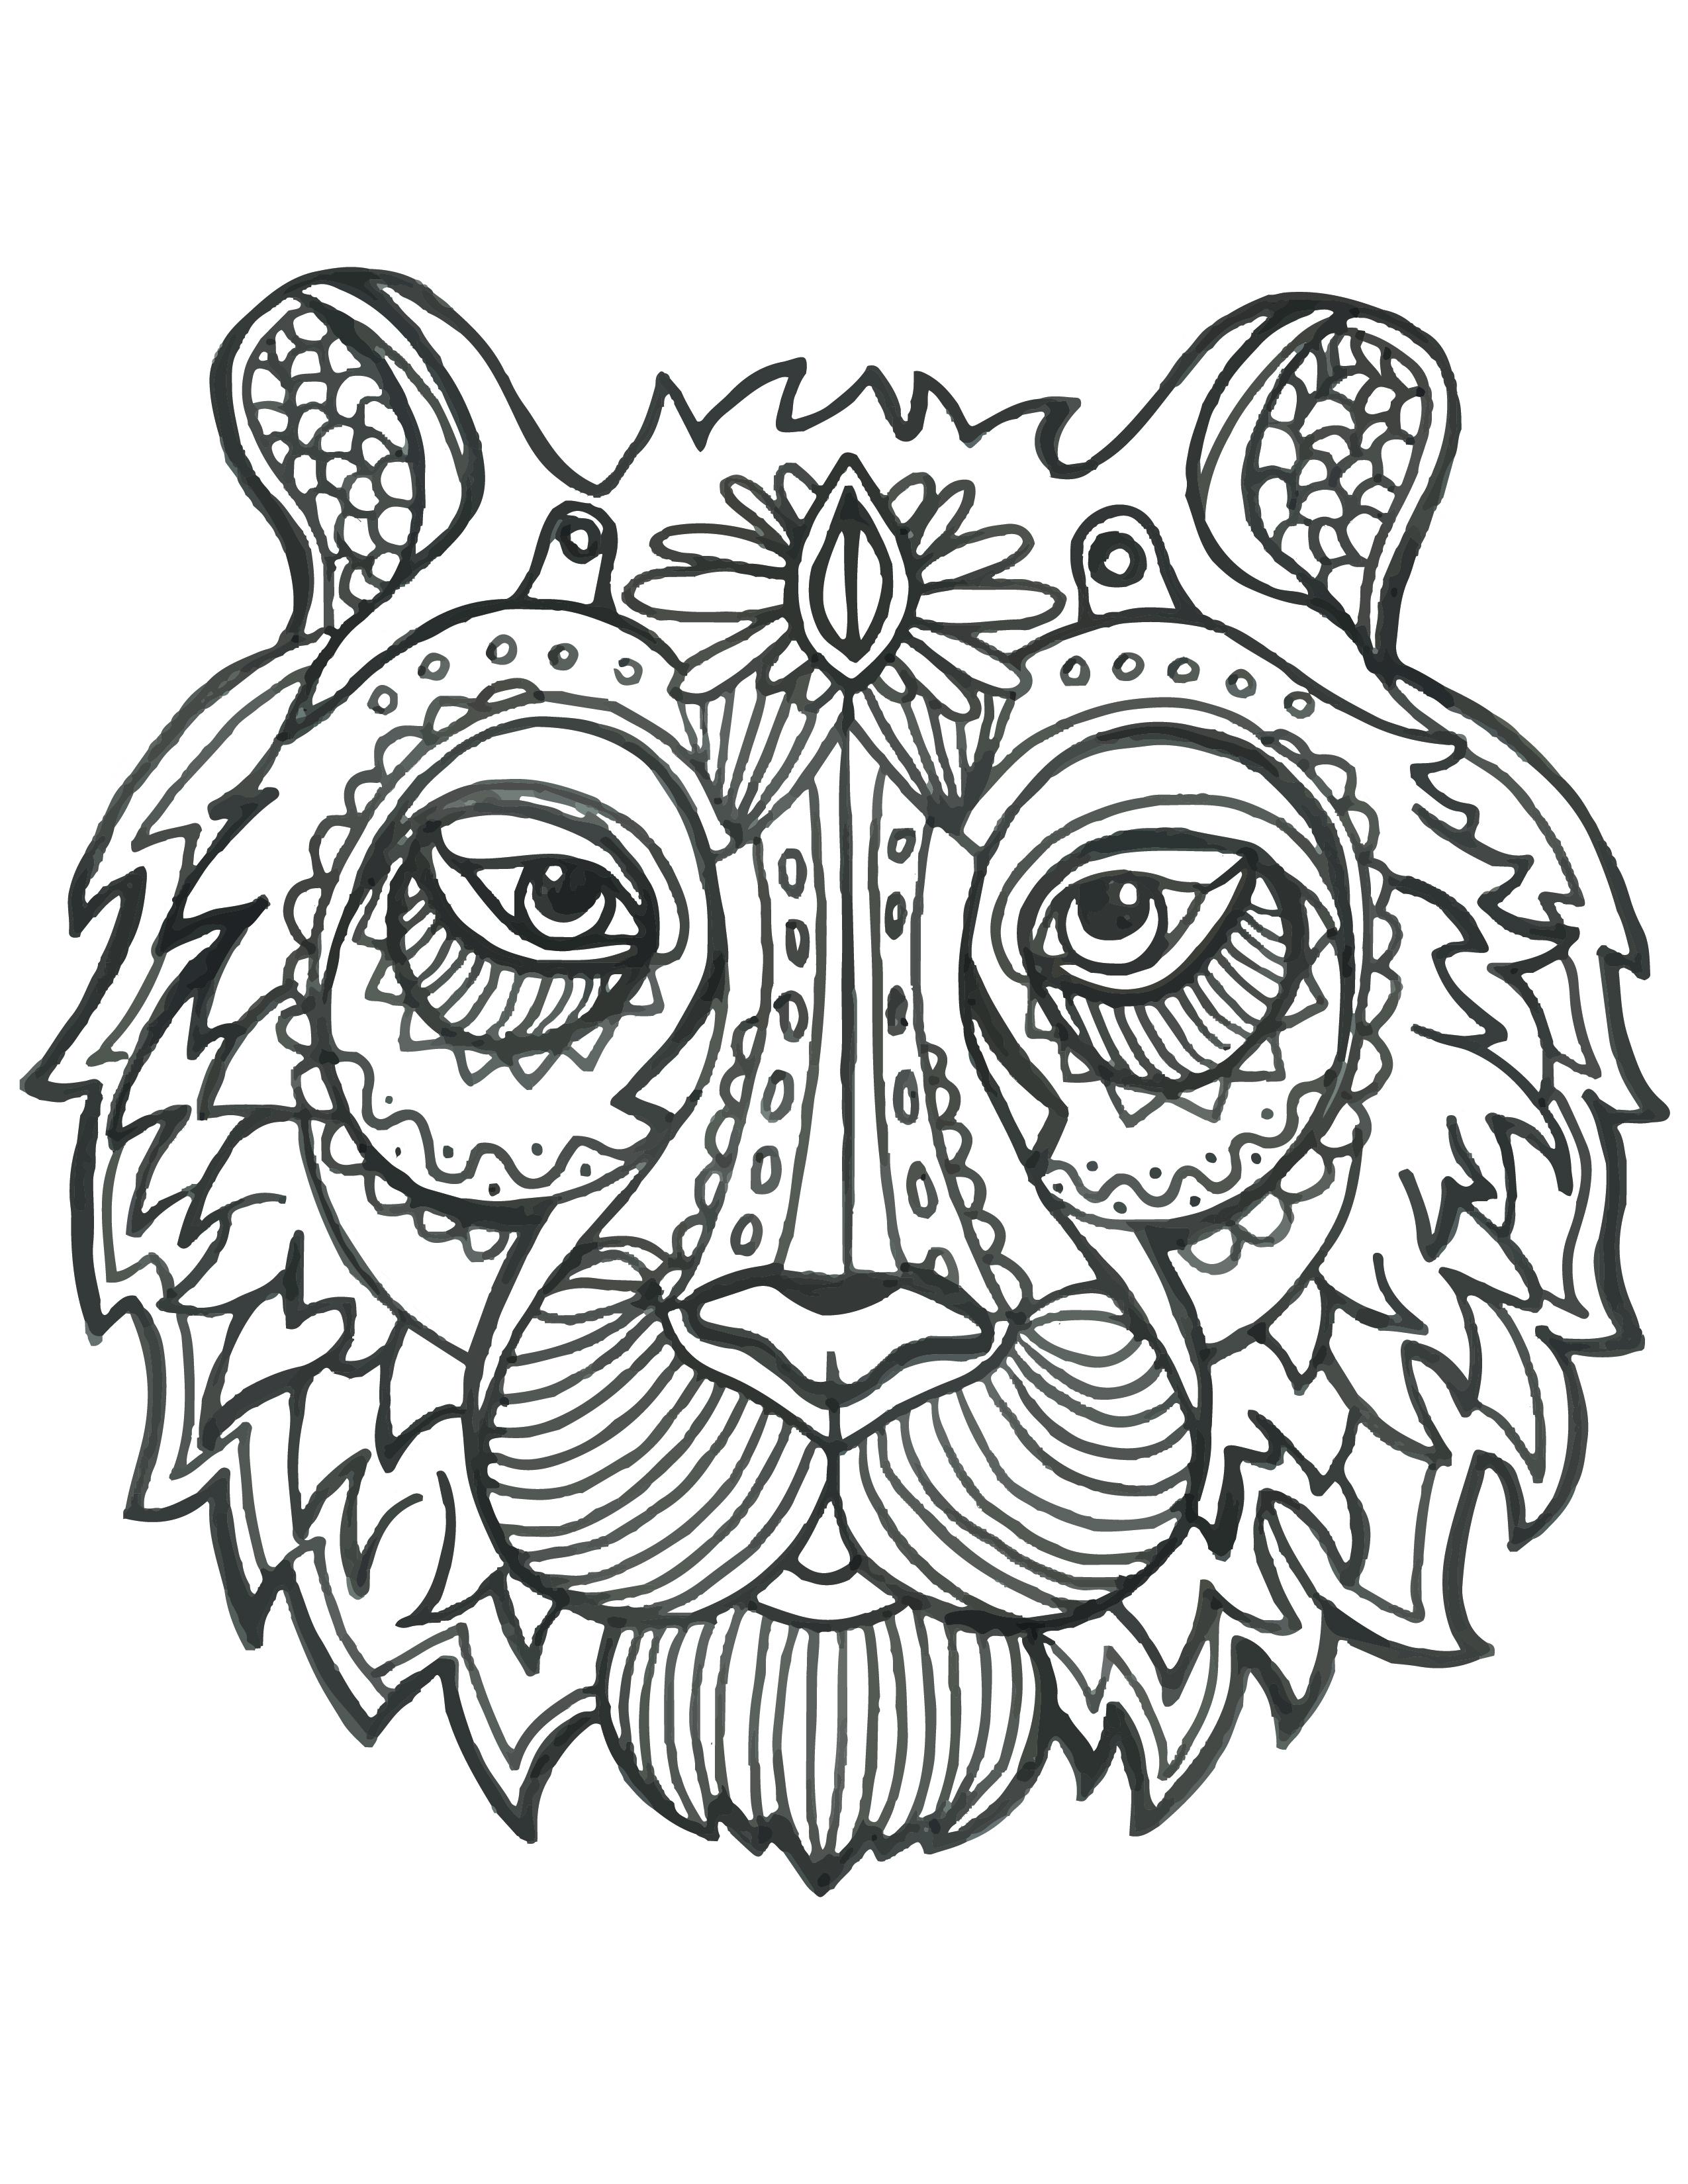 Coloriage De Animaux Tete De Tigre À Imprimer - Artherapie.ca pour Mandala Animaux À Imprimer Gratuit